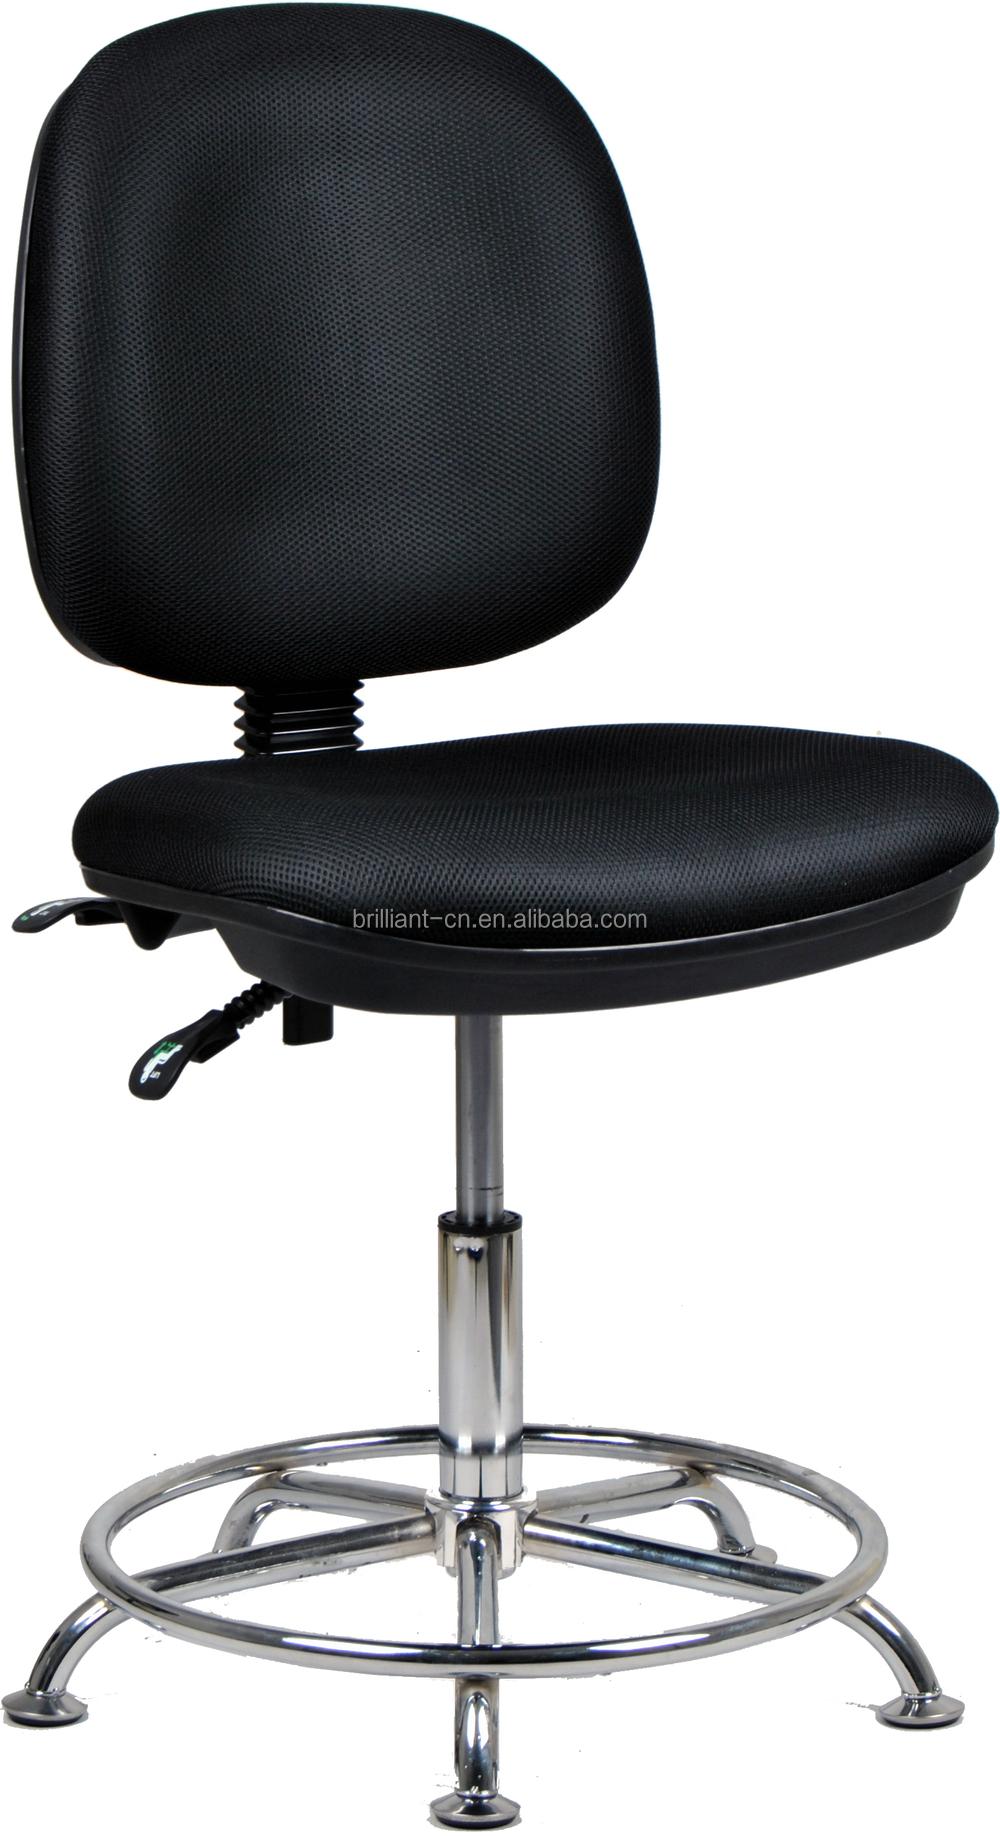 Lang en duurzame zwarte stof naaien draaibare mesh stoel for Sillas para oficina sin ruedas